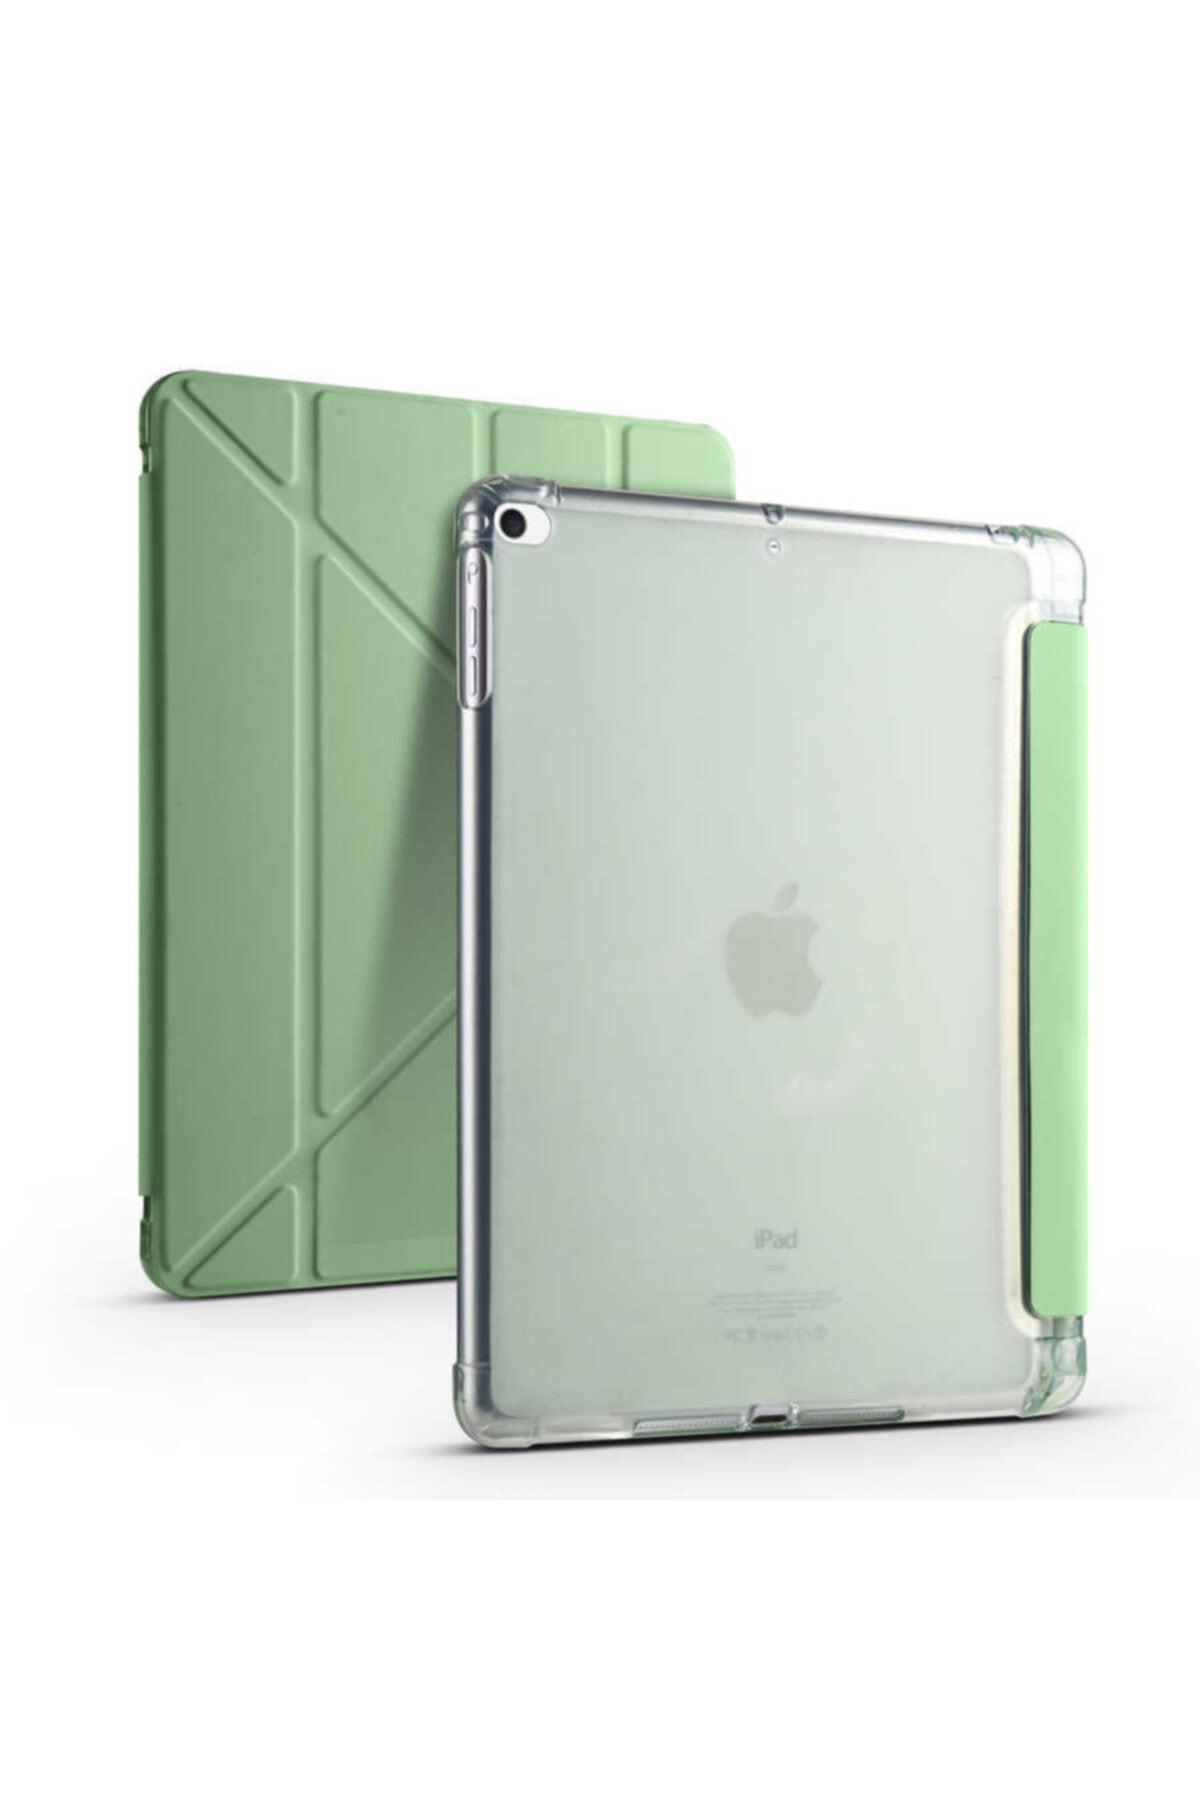 carına vannı Apple Ipad 9.7 2018 Uyumlu Açık Yeşil,kalem Bölmeli,katlanabilir Tablet Kılıfı,standlı Kılıf Pnd 1